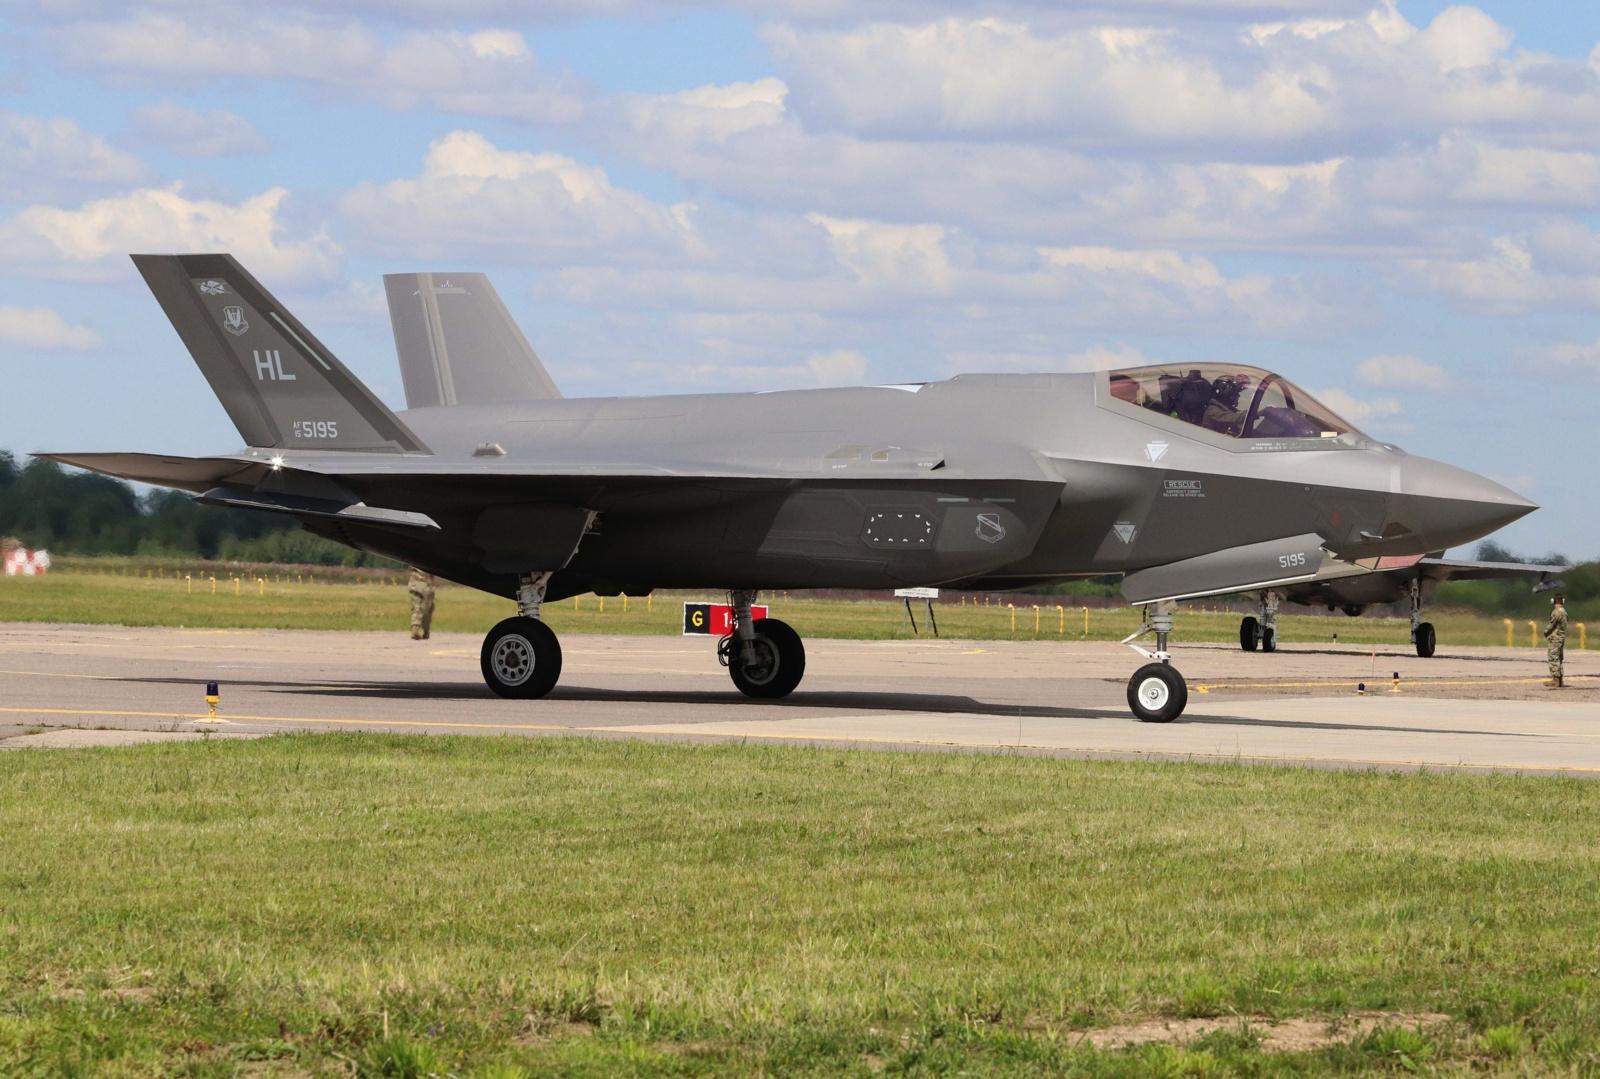 Aviacijos bazėje Šiauliuose nusileido du JAV naikintuvai F-35